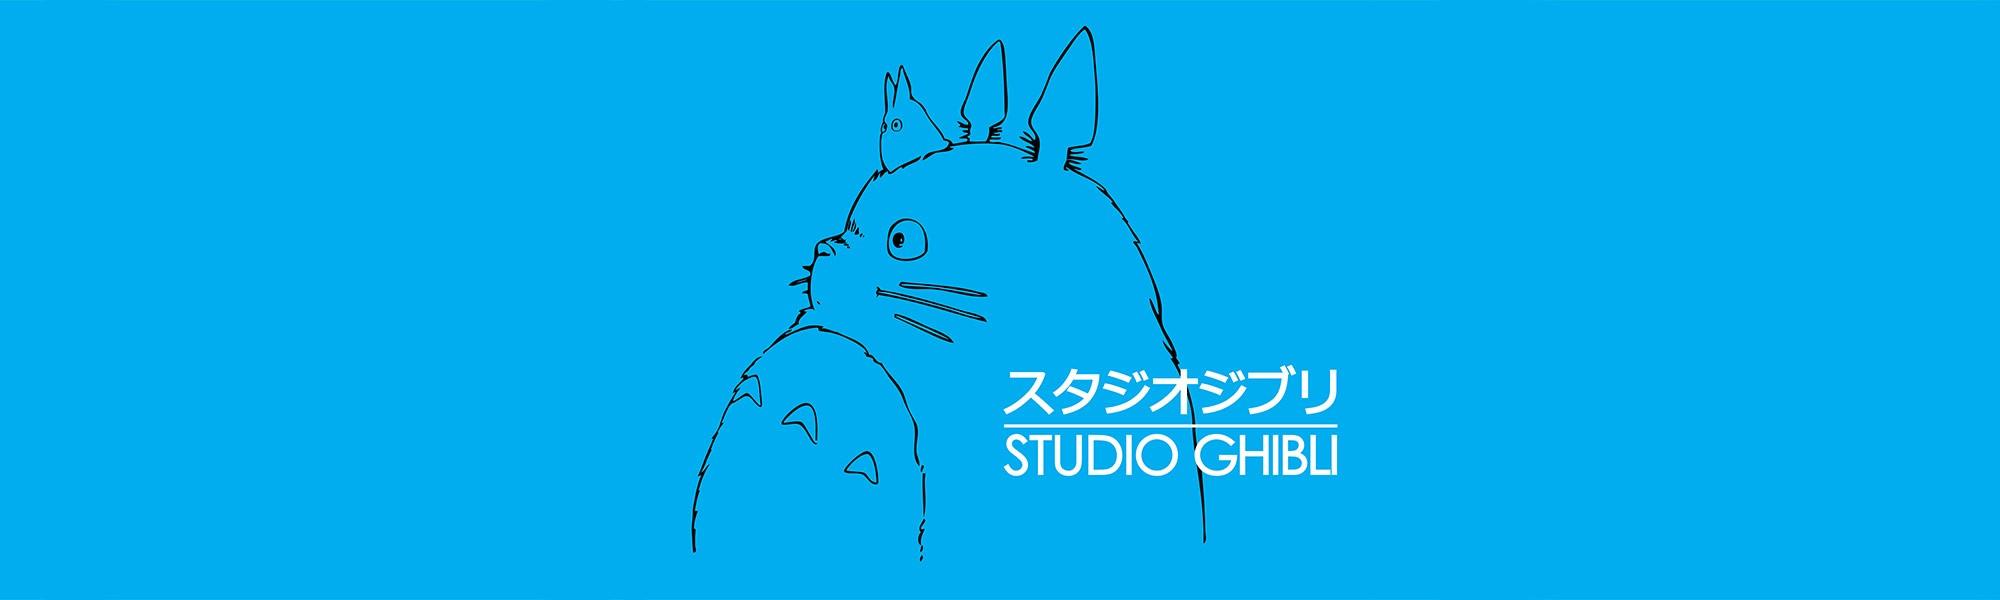 21 films du studio Ghibli sur Netflix dès le 1er février 2020 !